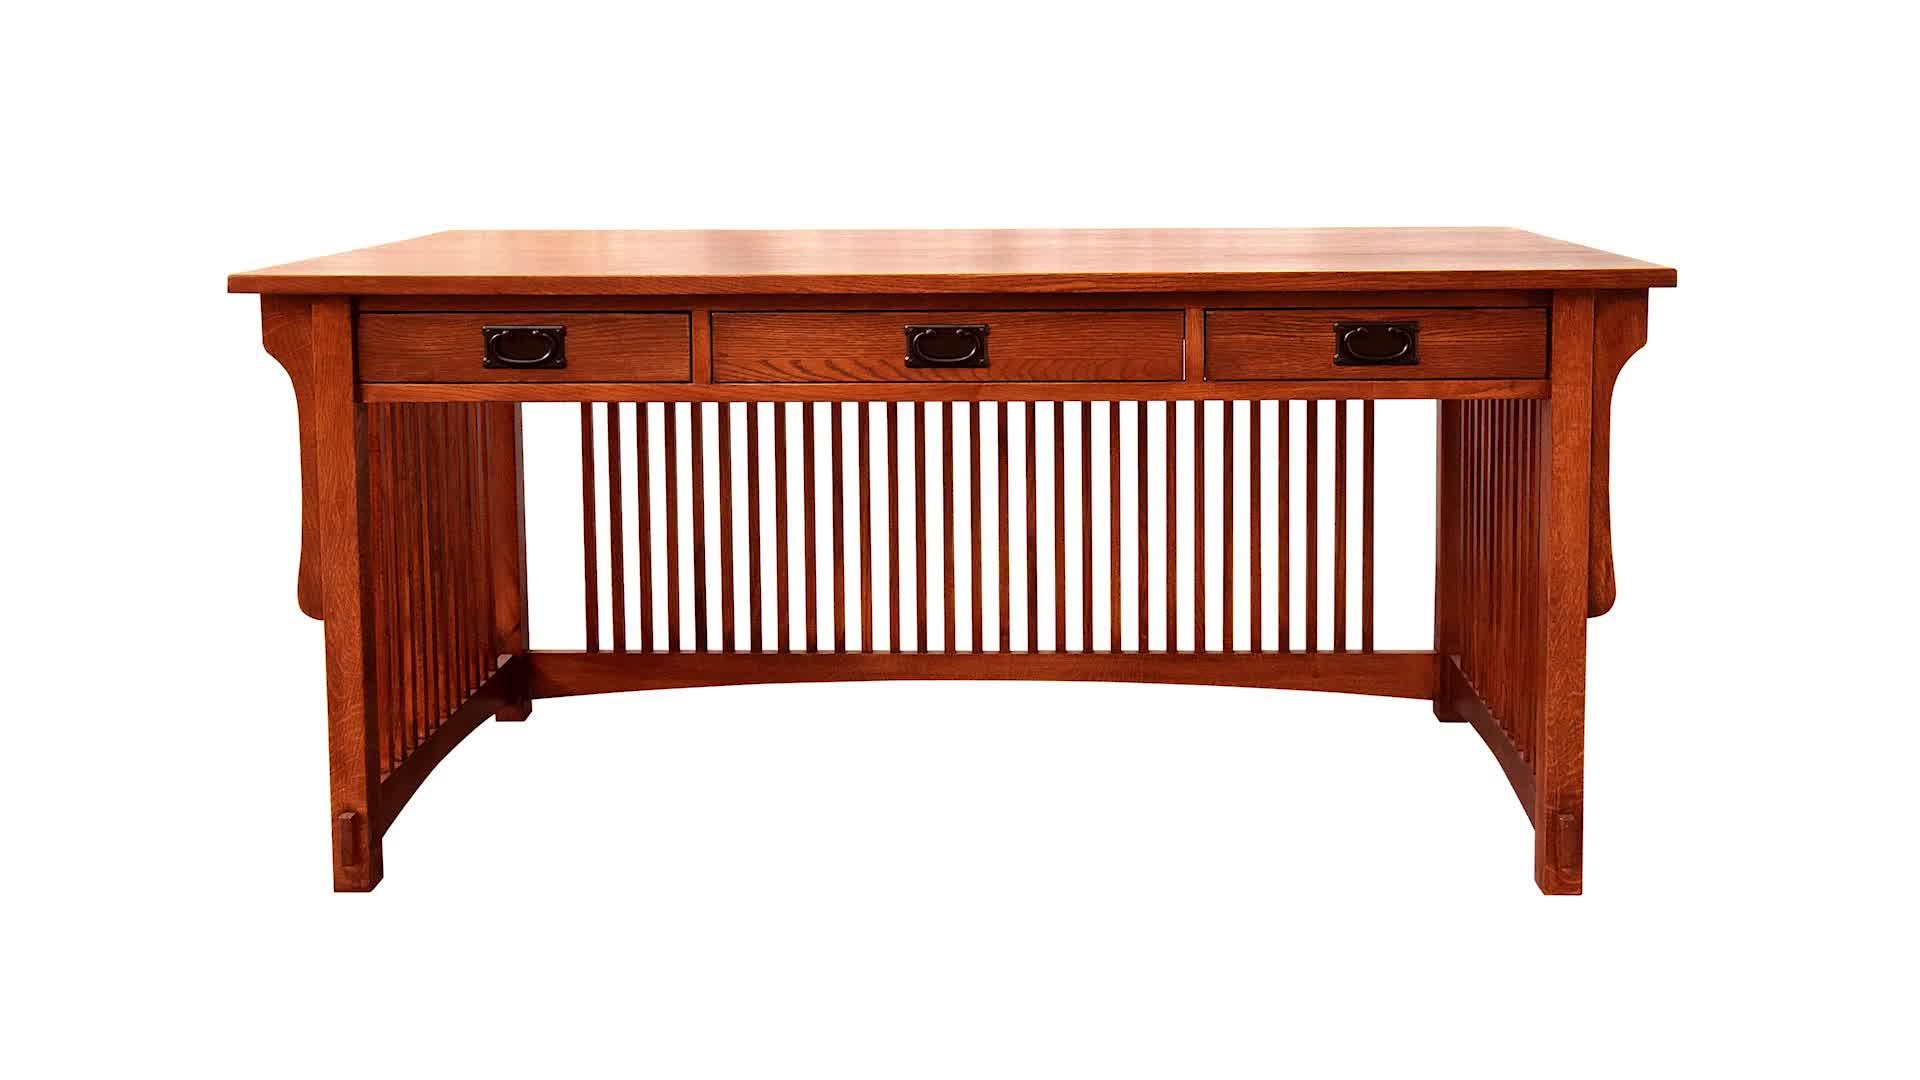 Kantoormeubilair china goedkope meubels unieke wit eiken bureau met 3 laden